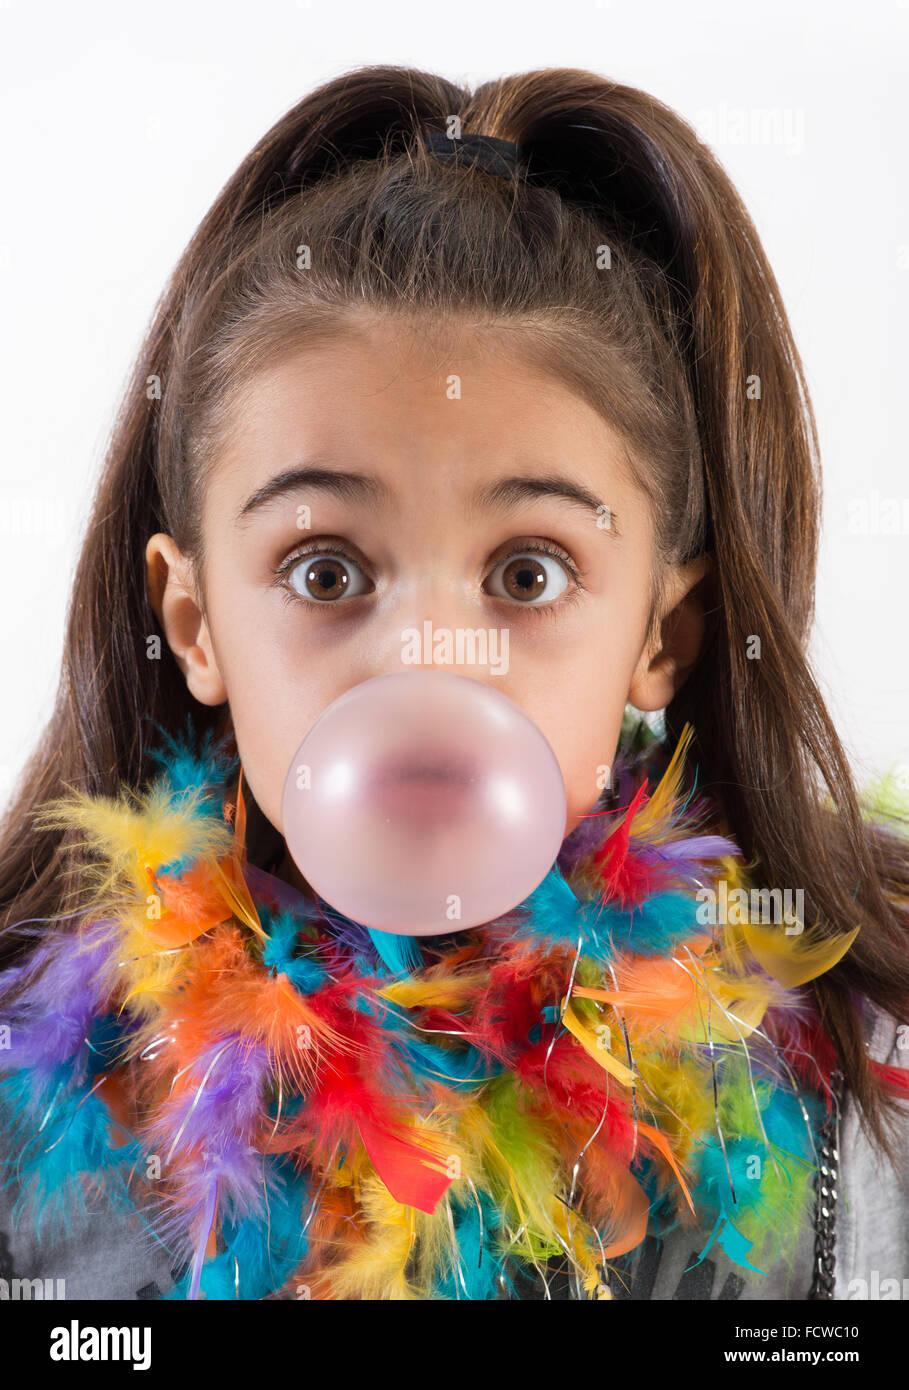 Cute little girl blowing une bulle de chewing-gum avec de larges yeux surpris et plumes colorés autour du cou Photo Stock